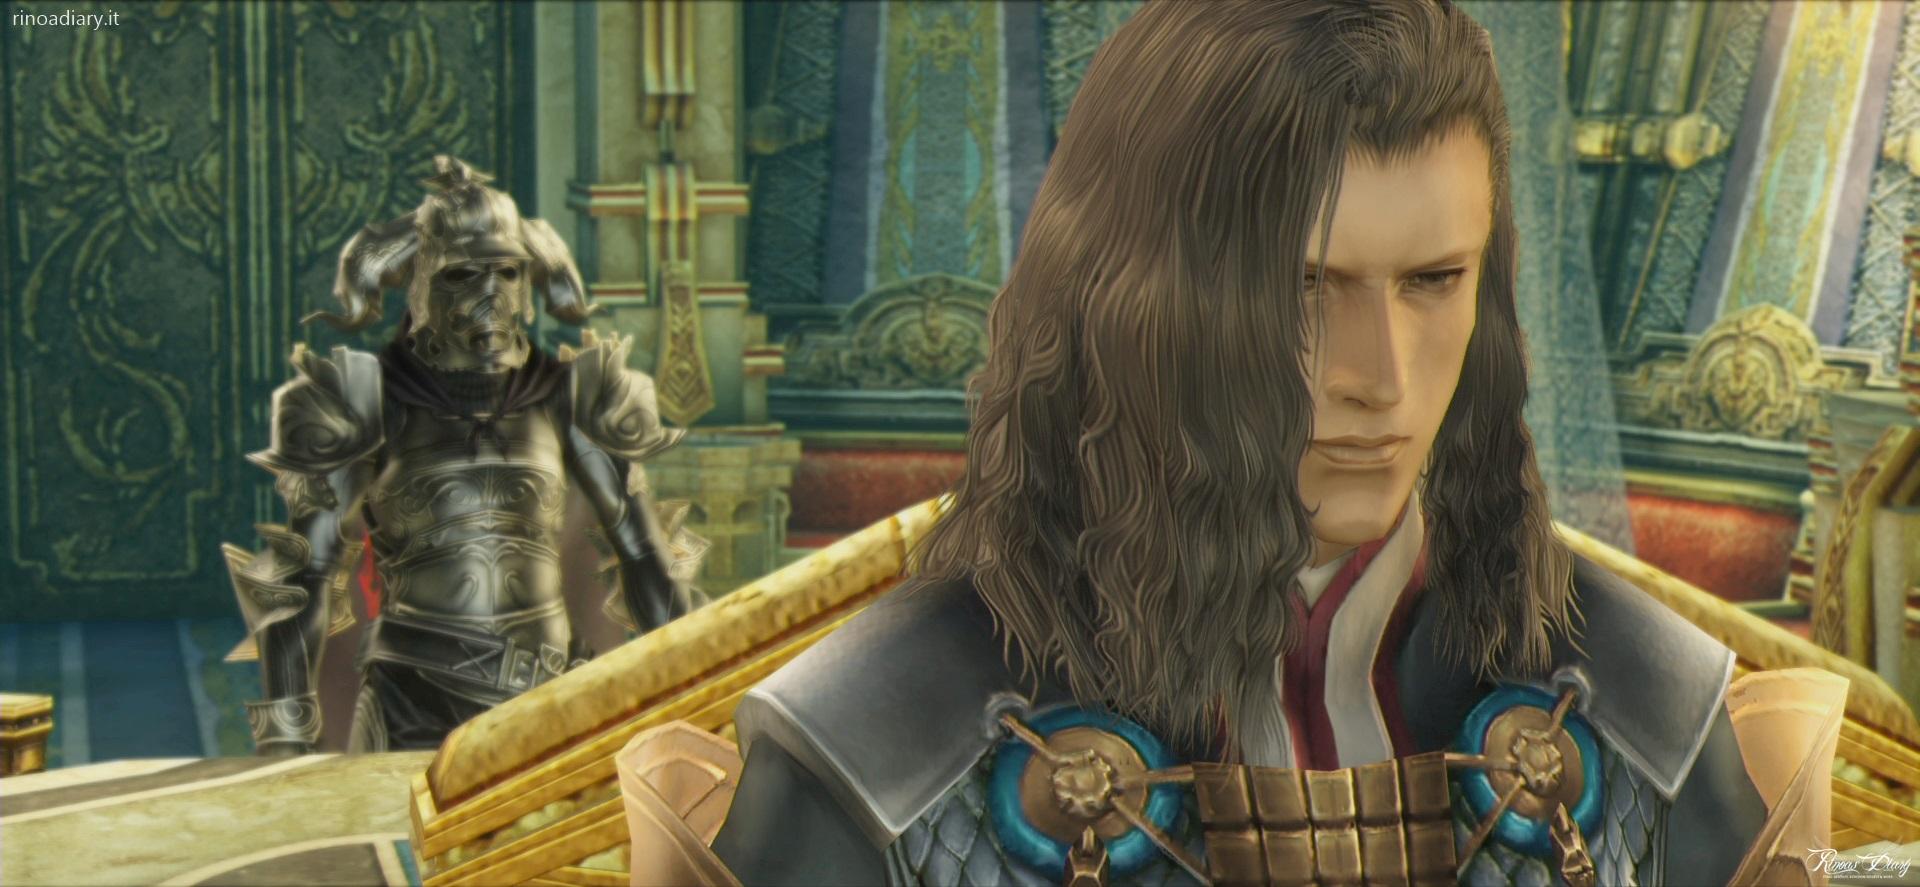 Nuove immagini di Final Fantasy XII: The Zodiac Age!